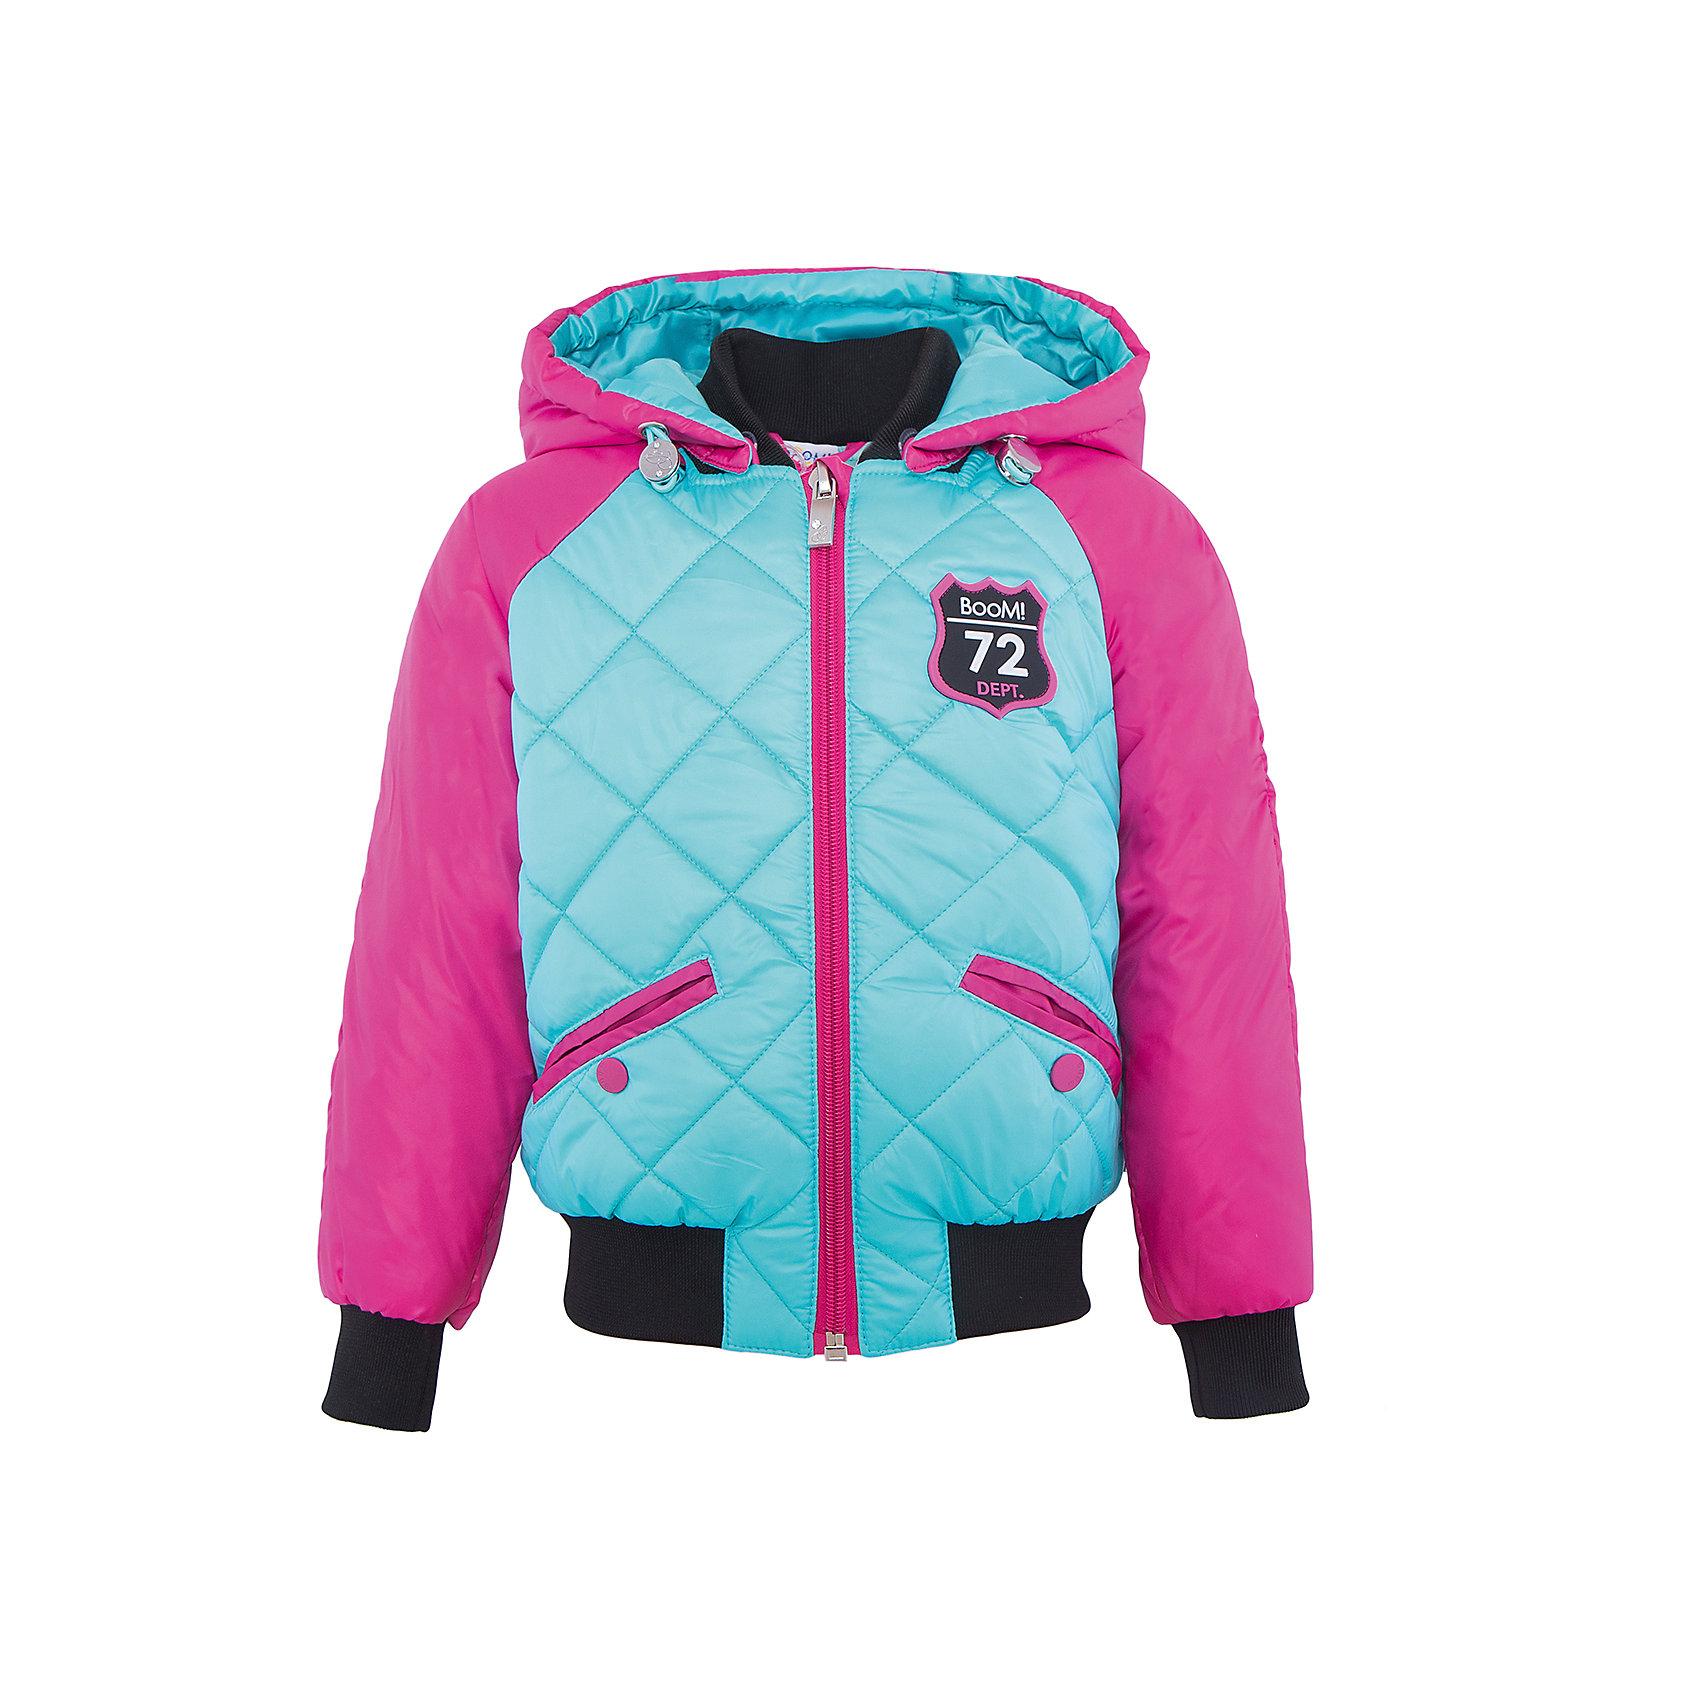 Куртка для девочки BOOM by OrbyВерхняя одежда<br>Характеристики товара:<br><br>• цвет: голубой/розовый<br>• ткань верха: Таффета oil cire PU стеганная; Таффета oil cire PU<br>• подкладка: Поликоттон, ПЭ пуходержащий; Отделка: Вязаное полотно.<br>• наполнитель: Flexy Fiber - это искусственный аналог лебяжьего пуха<br>• температурный режим: от 0 С° до +10 С° <br>• капюшон (отстегивающийся)<br>• карманы на кнопке<br>• застежка - молния<br>• эластичные манжеты<br>• стеганая<br>• декорирована нашивками<br>• комфортная посадка<br>• страна производства: Российская Федерация<br>• страна бренда: Российская Федерация<br>• коллекция: весна-лето 2017<br><br>Куртка-бомбер - универсальный вариант для межсезонья с постоянно меняющейся погодой. Эта модель - модная и удобная одновременно! Изделие отличается стильным ярким дизайном. Куртка хорошо сидит по фигуре, отлично сочетается с различным низом. Вещь была разработана специально для детей.<br><br>Одежда от российского бренда BOOM by Orby уже завоевала популярностью у многих детей и их родителей. Вещи, выпускаемые компанией, качественные, продуманные и очень удобные. Для производства коллекций используются только безопасные для детей материалы. Спешите приобрести модели из новой коллекции Весна-лето 2017! <br><br>Куртку для девочки от бренда BOOM by Orby можно купить в нашем интернет-магазине.<br><br>Ширина мм: 356<br>Глубина мм: 10<br>Высота мм: 245<br>Вес г: 519<br>Цвет: голубой<br>Возраст от месяцев: 36<br>Возраст до месяцев: 48<br>Пол: Женский<br>Возраст: Детский<br>Размер: 104,170,164,158,152,146,140,134,128,122,116,110,98,92,86<br>SKU: 5343197